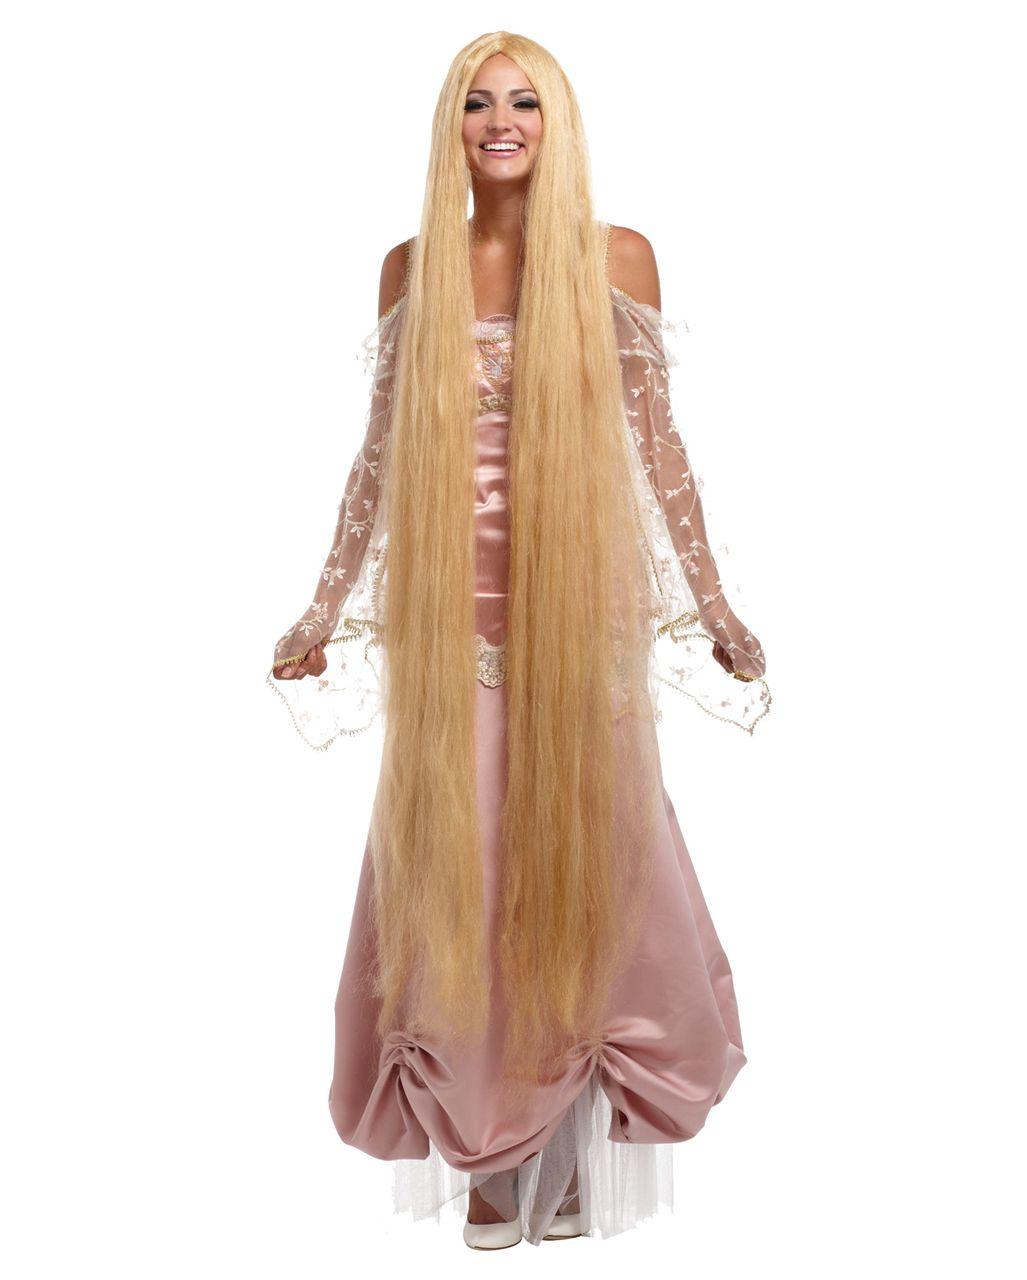 Rapunzel Langhaar Perucke Xxl Fur Fasching Karneval Universe Frisuren Langhaar Perucken Lange Haare